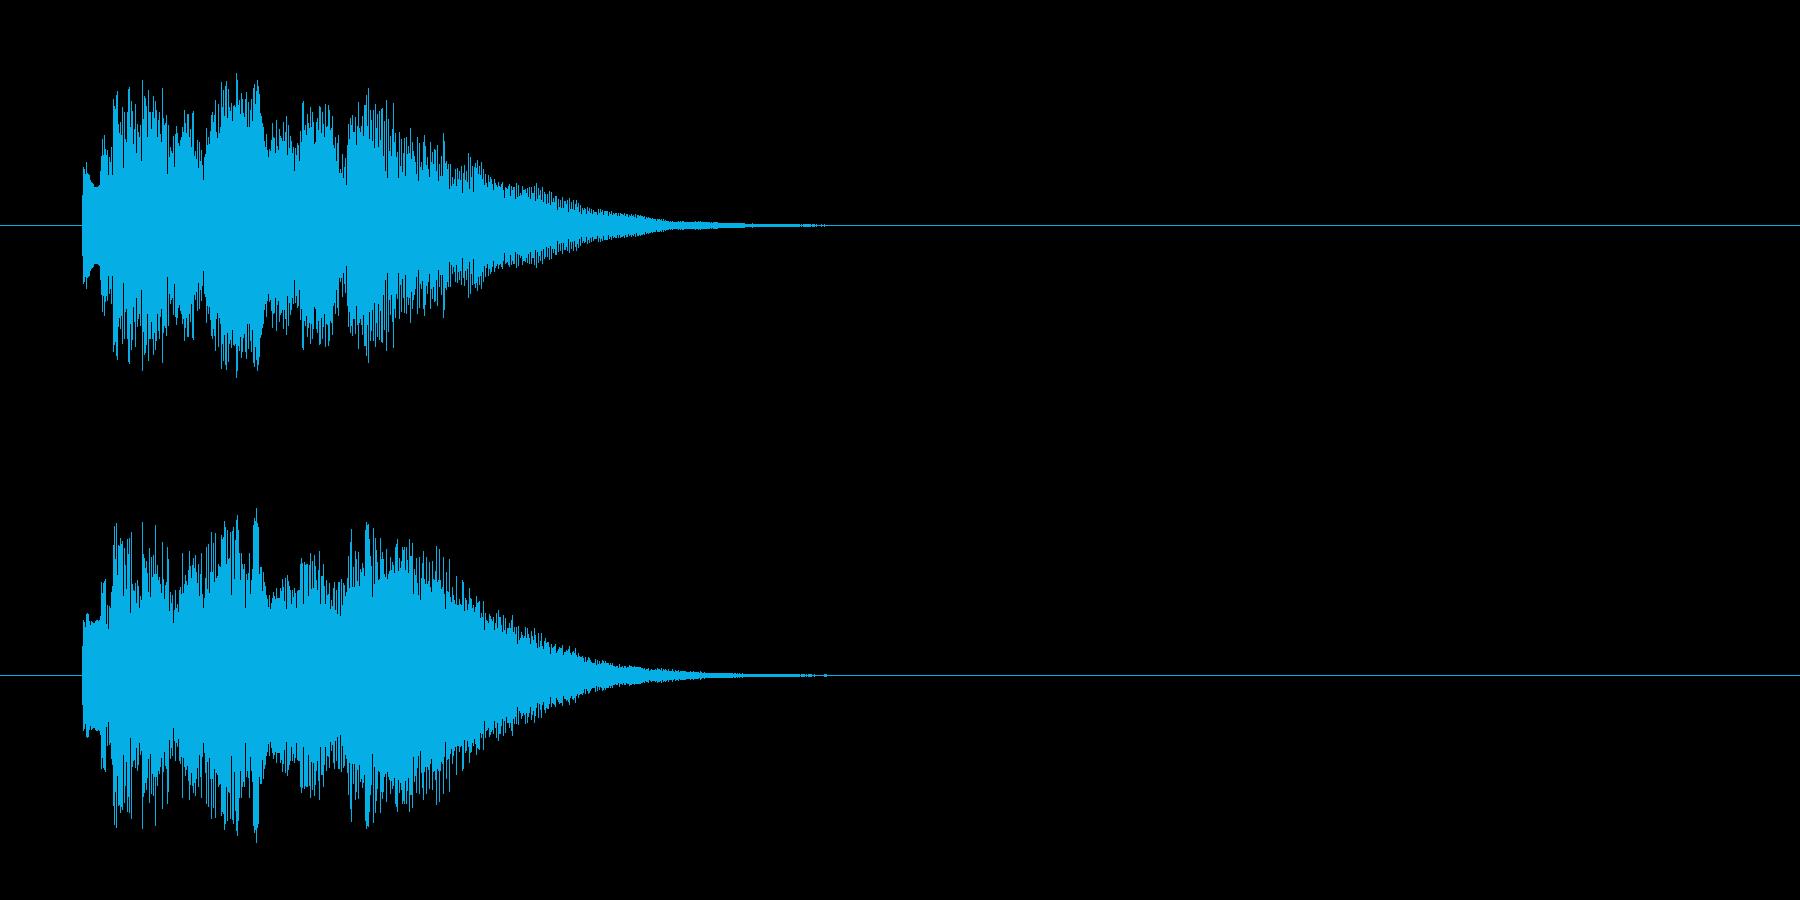 ジングル/神秘的・実験結果(環境)の再生済みの波形